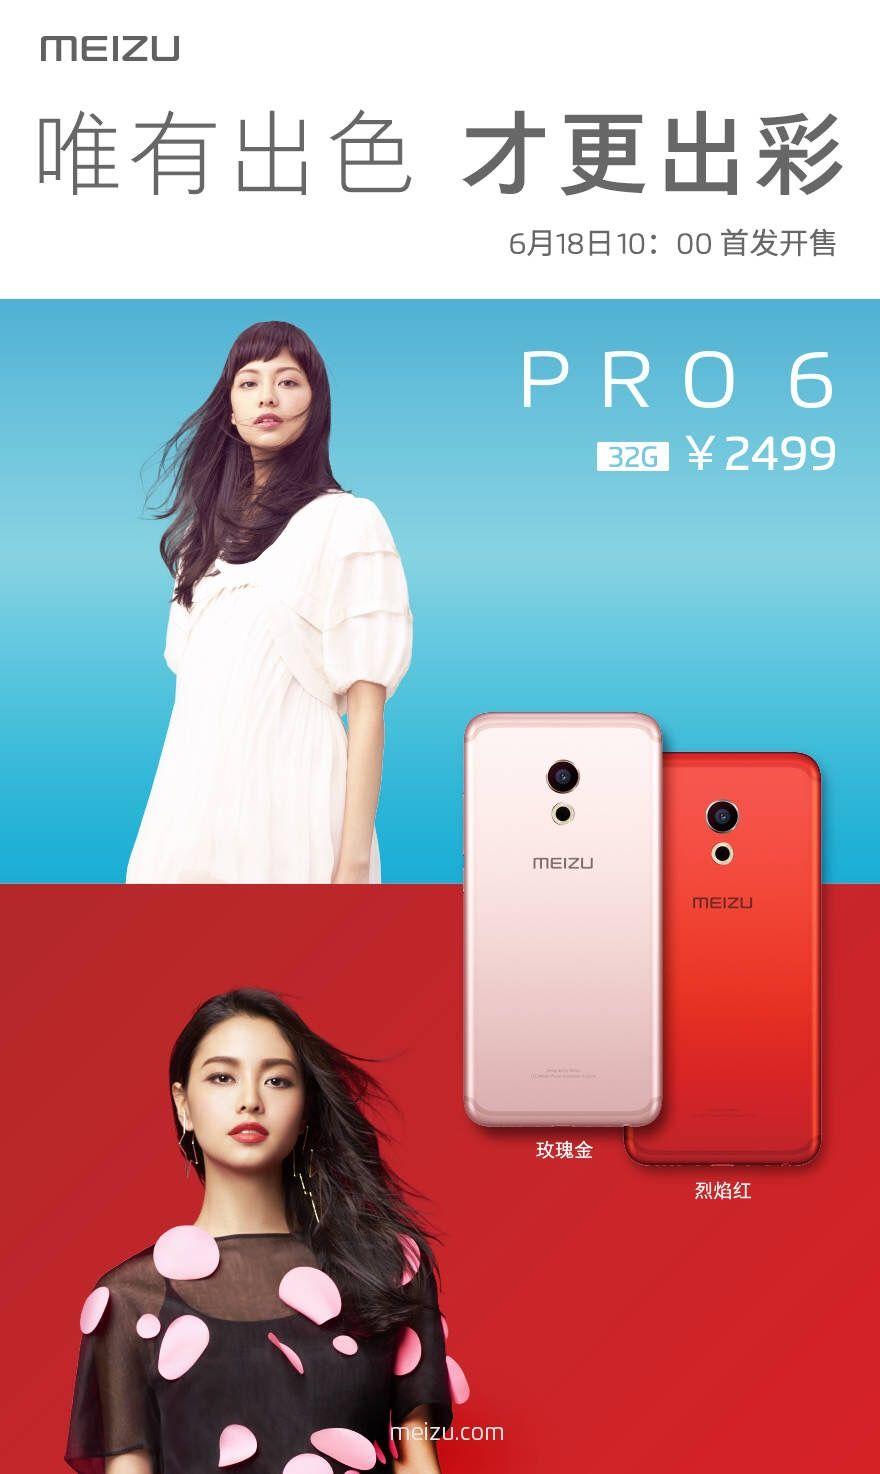 Meizu Pro 6のカラーバリエーションにローズゴールドとレッドが追加